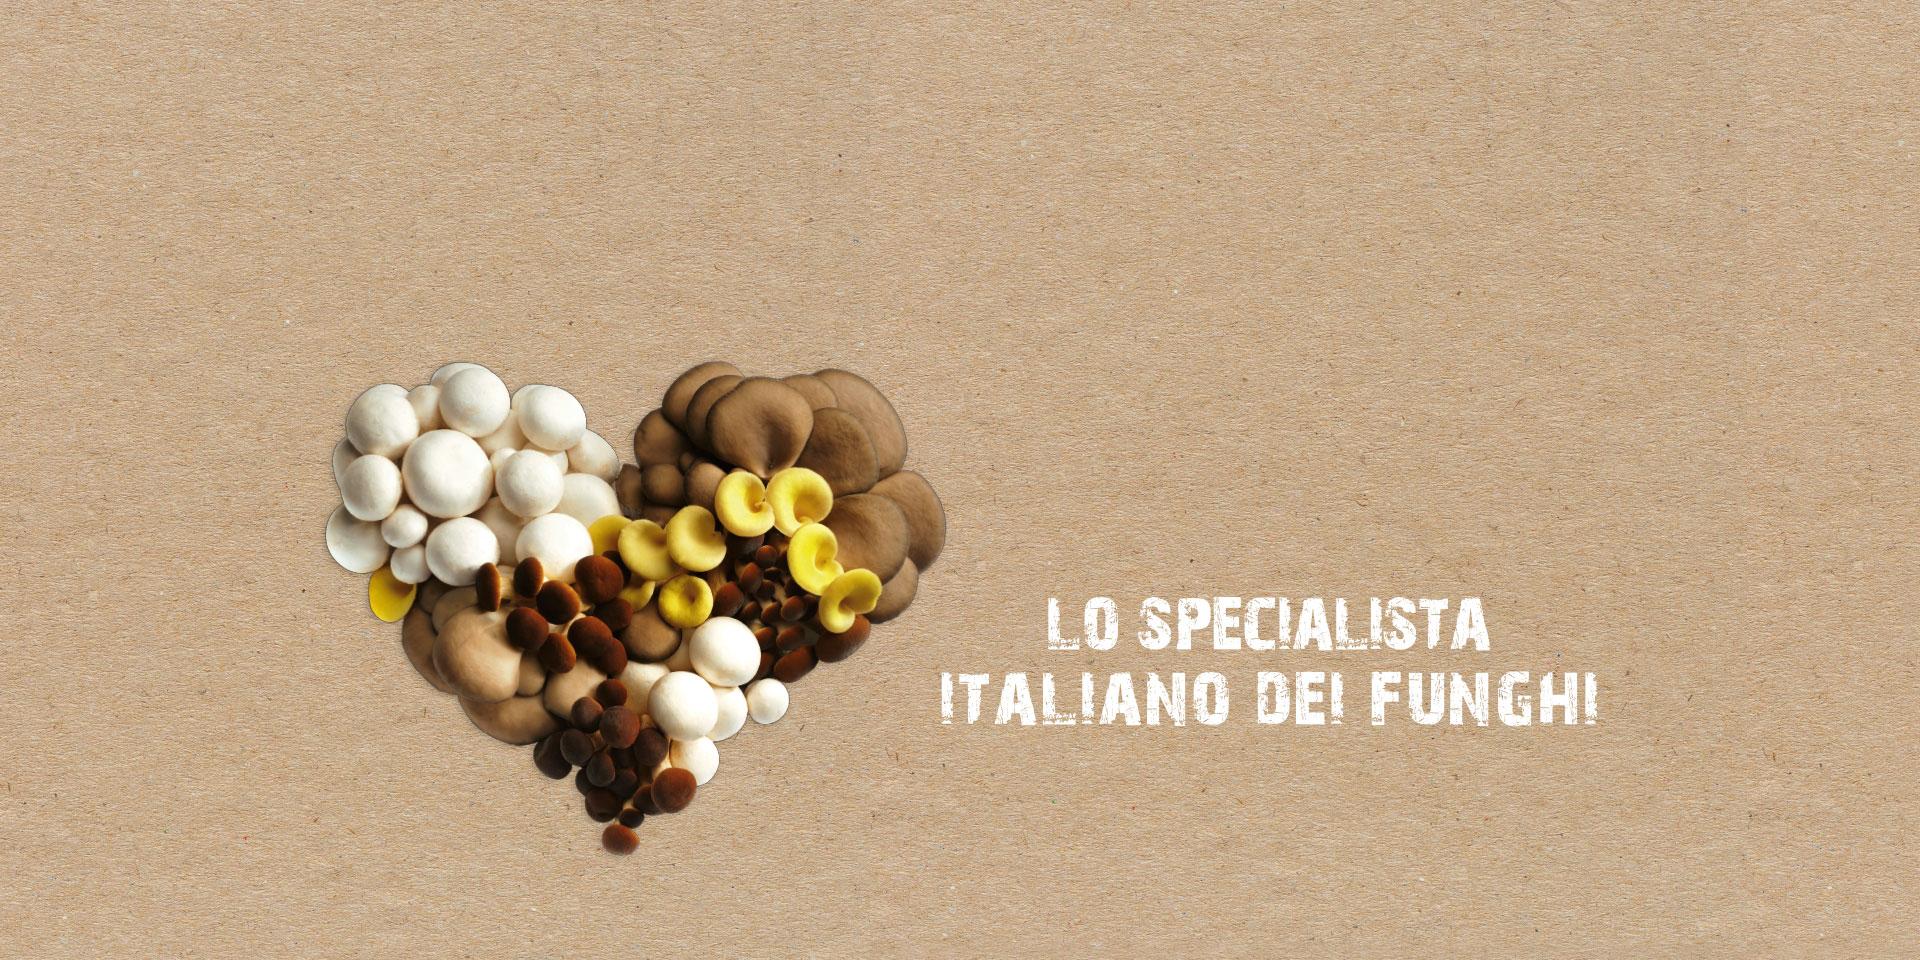 Consorzio Funghi di Treviso - Lo specialista italiano dei funghi